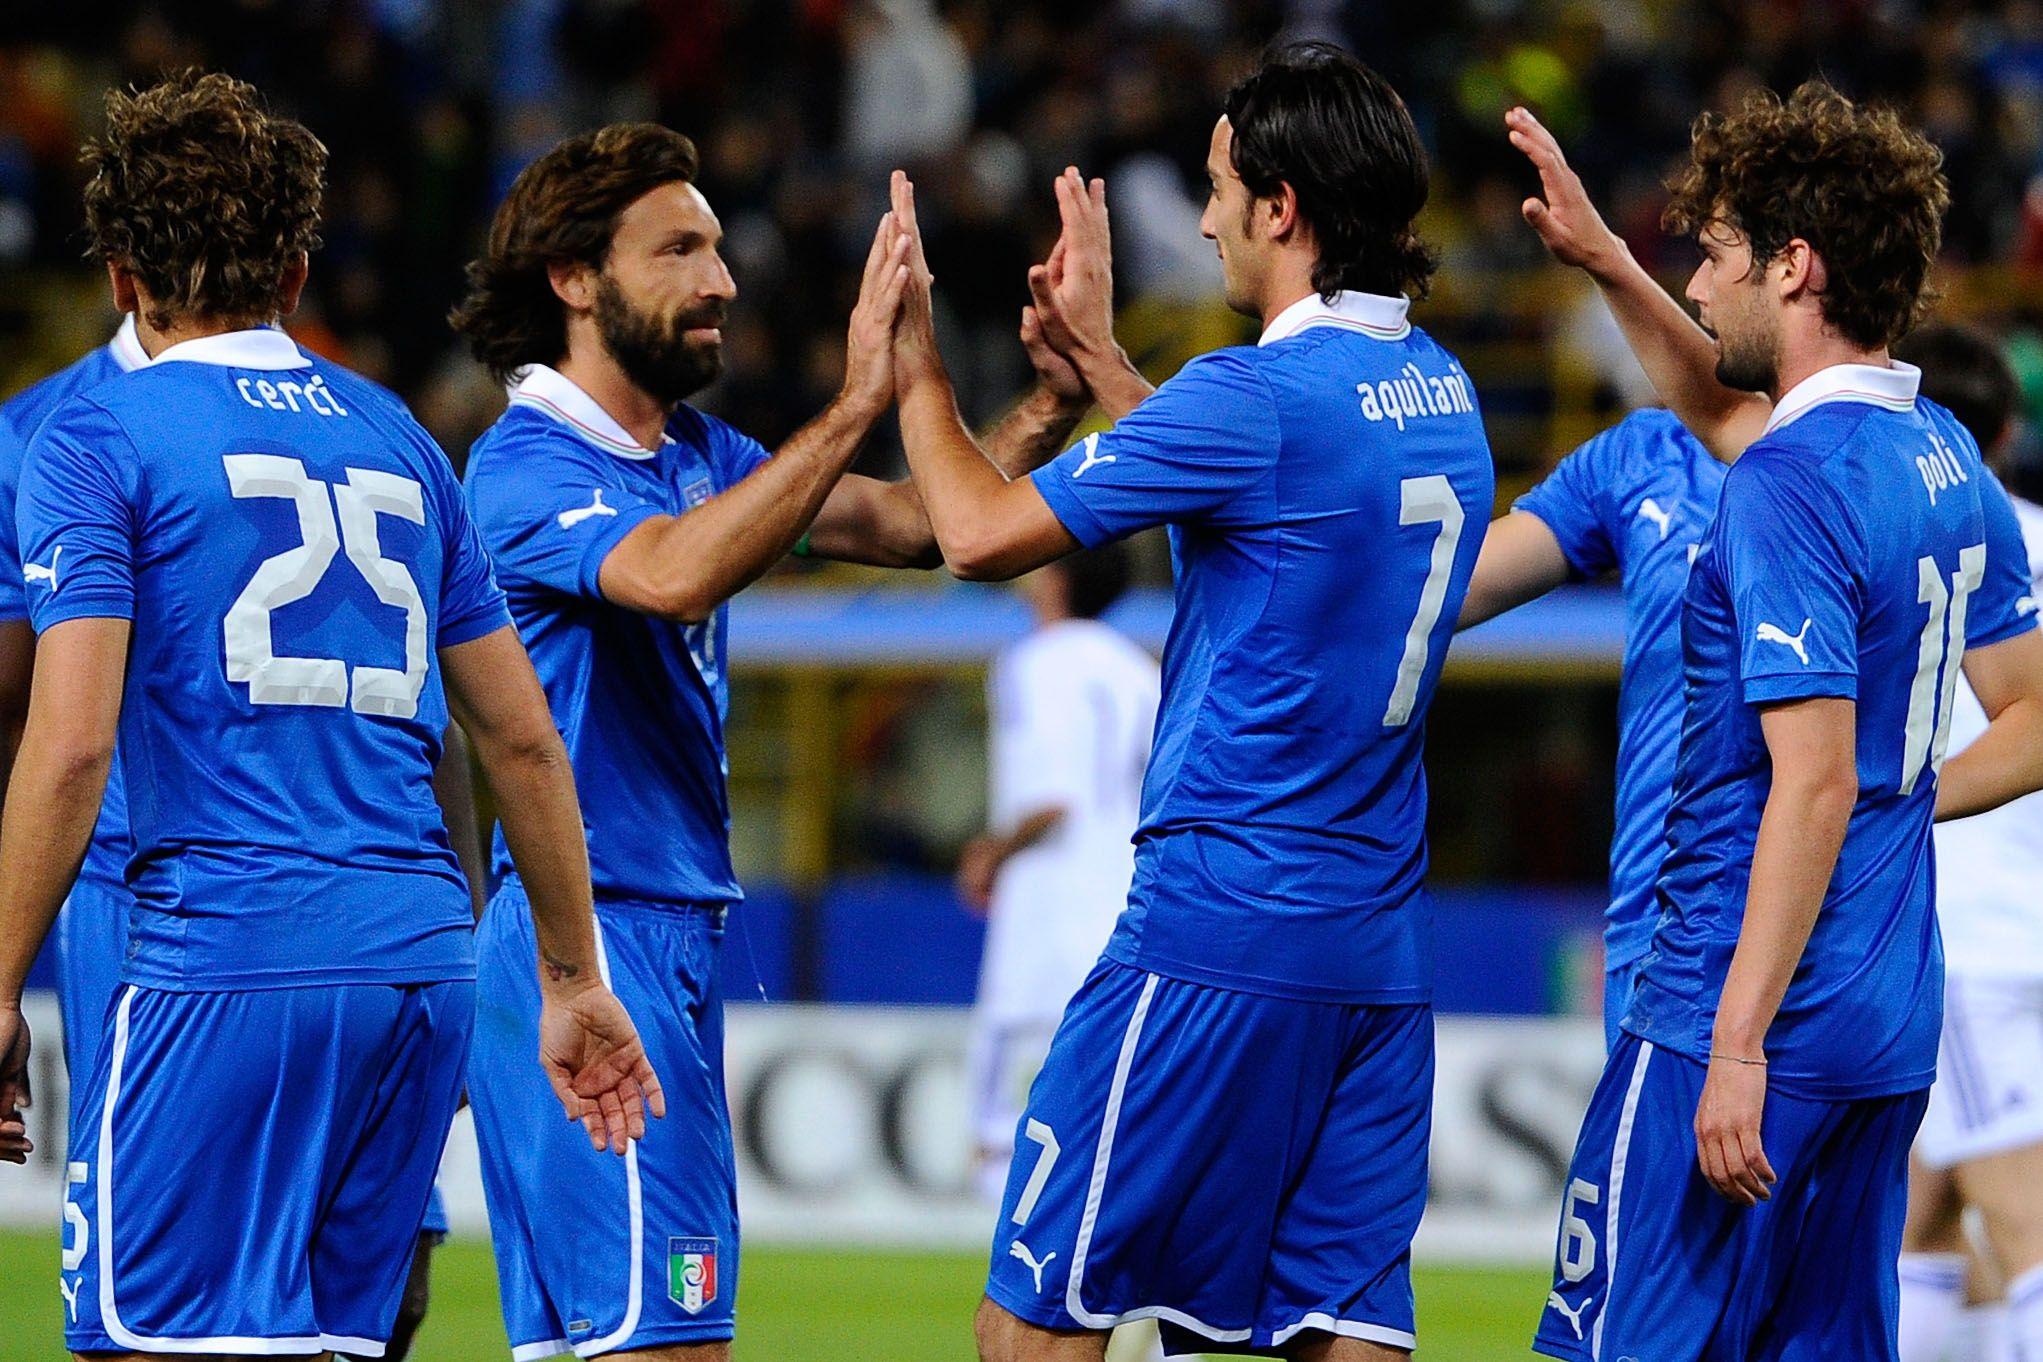 Ascolti TV venerdì 31 maggio 2013: vince Rai1 con 5 mln per l'amichevole Italia – San Marino